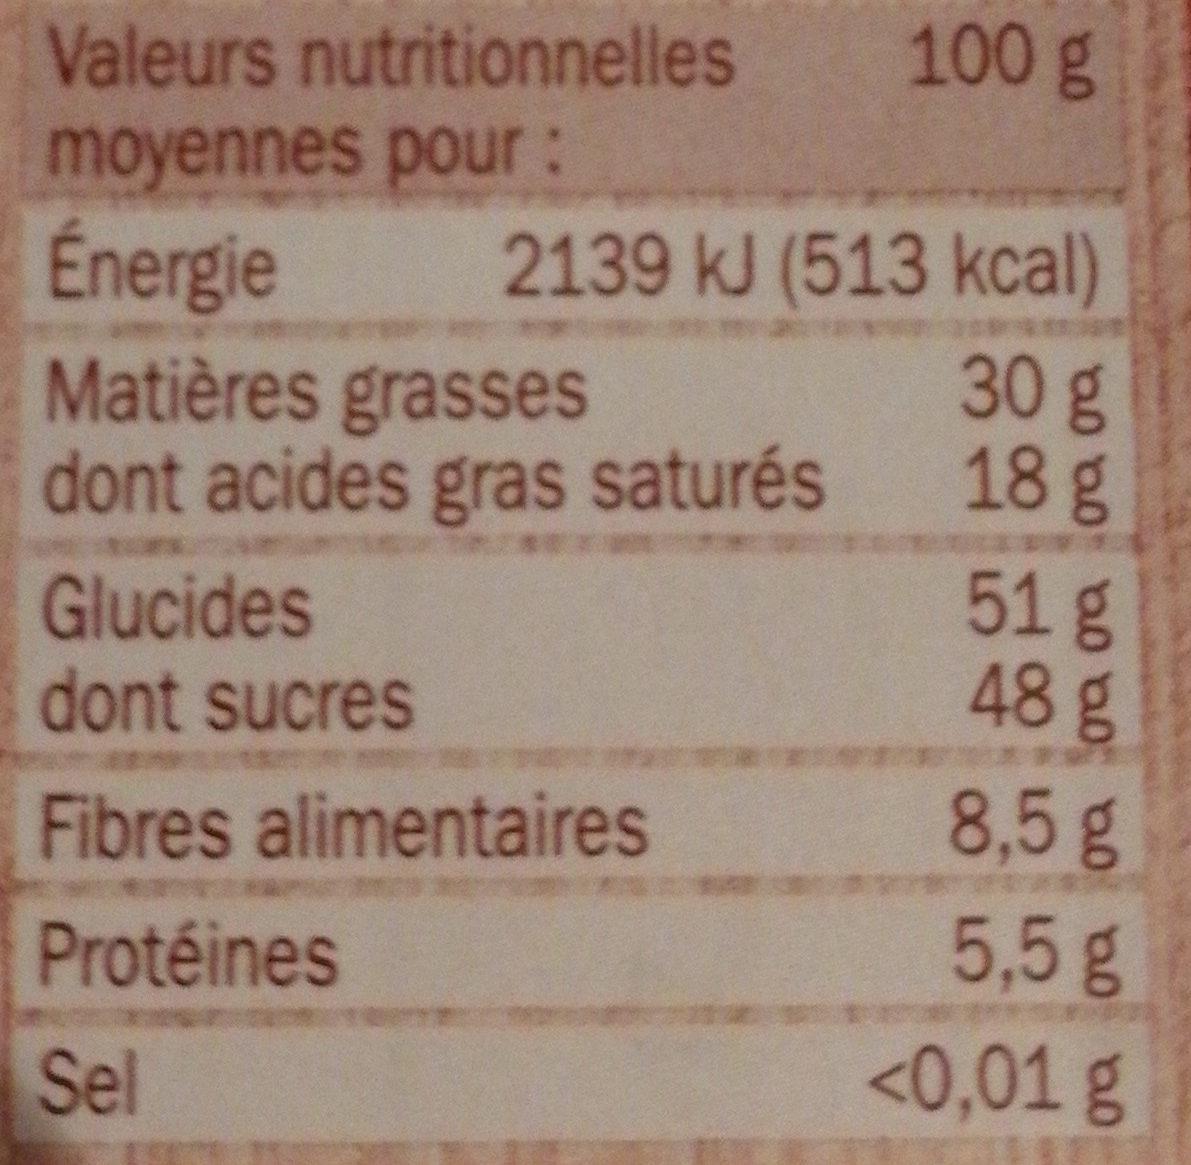 Chocolat dessert pâtissier - حقائق غذائية - fr